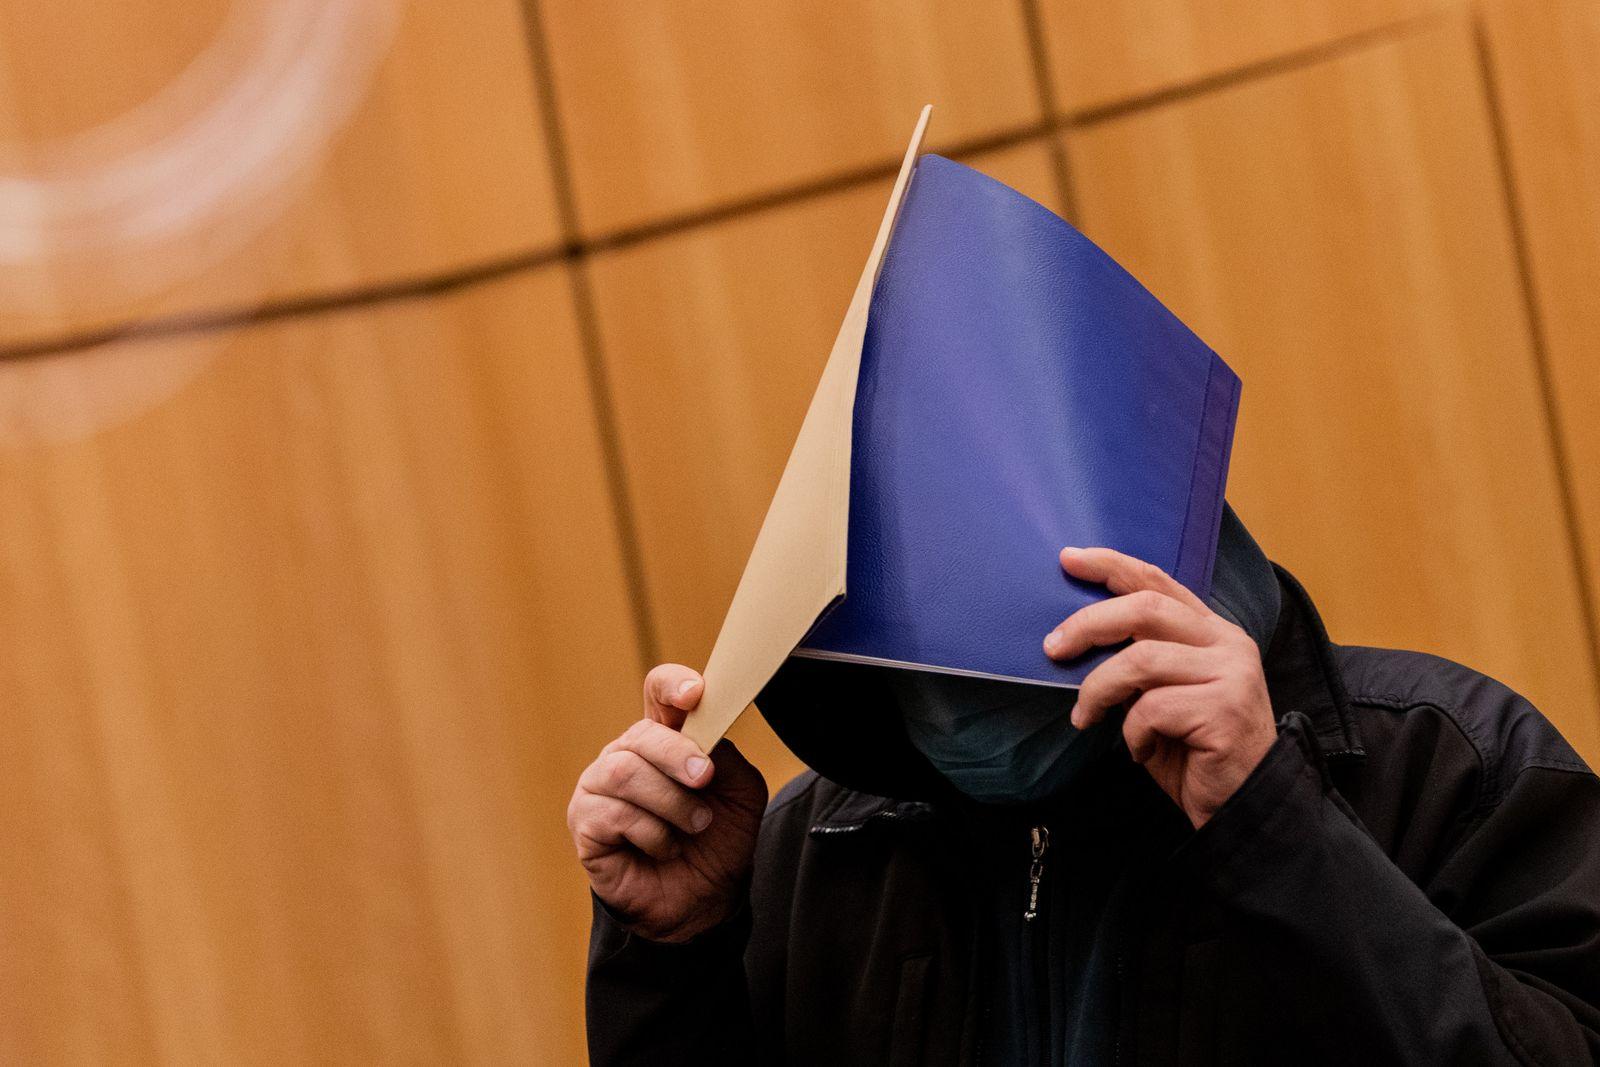 Haftstrafe: Erstes Urteil im Missbrauchskomplex Münster